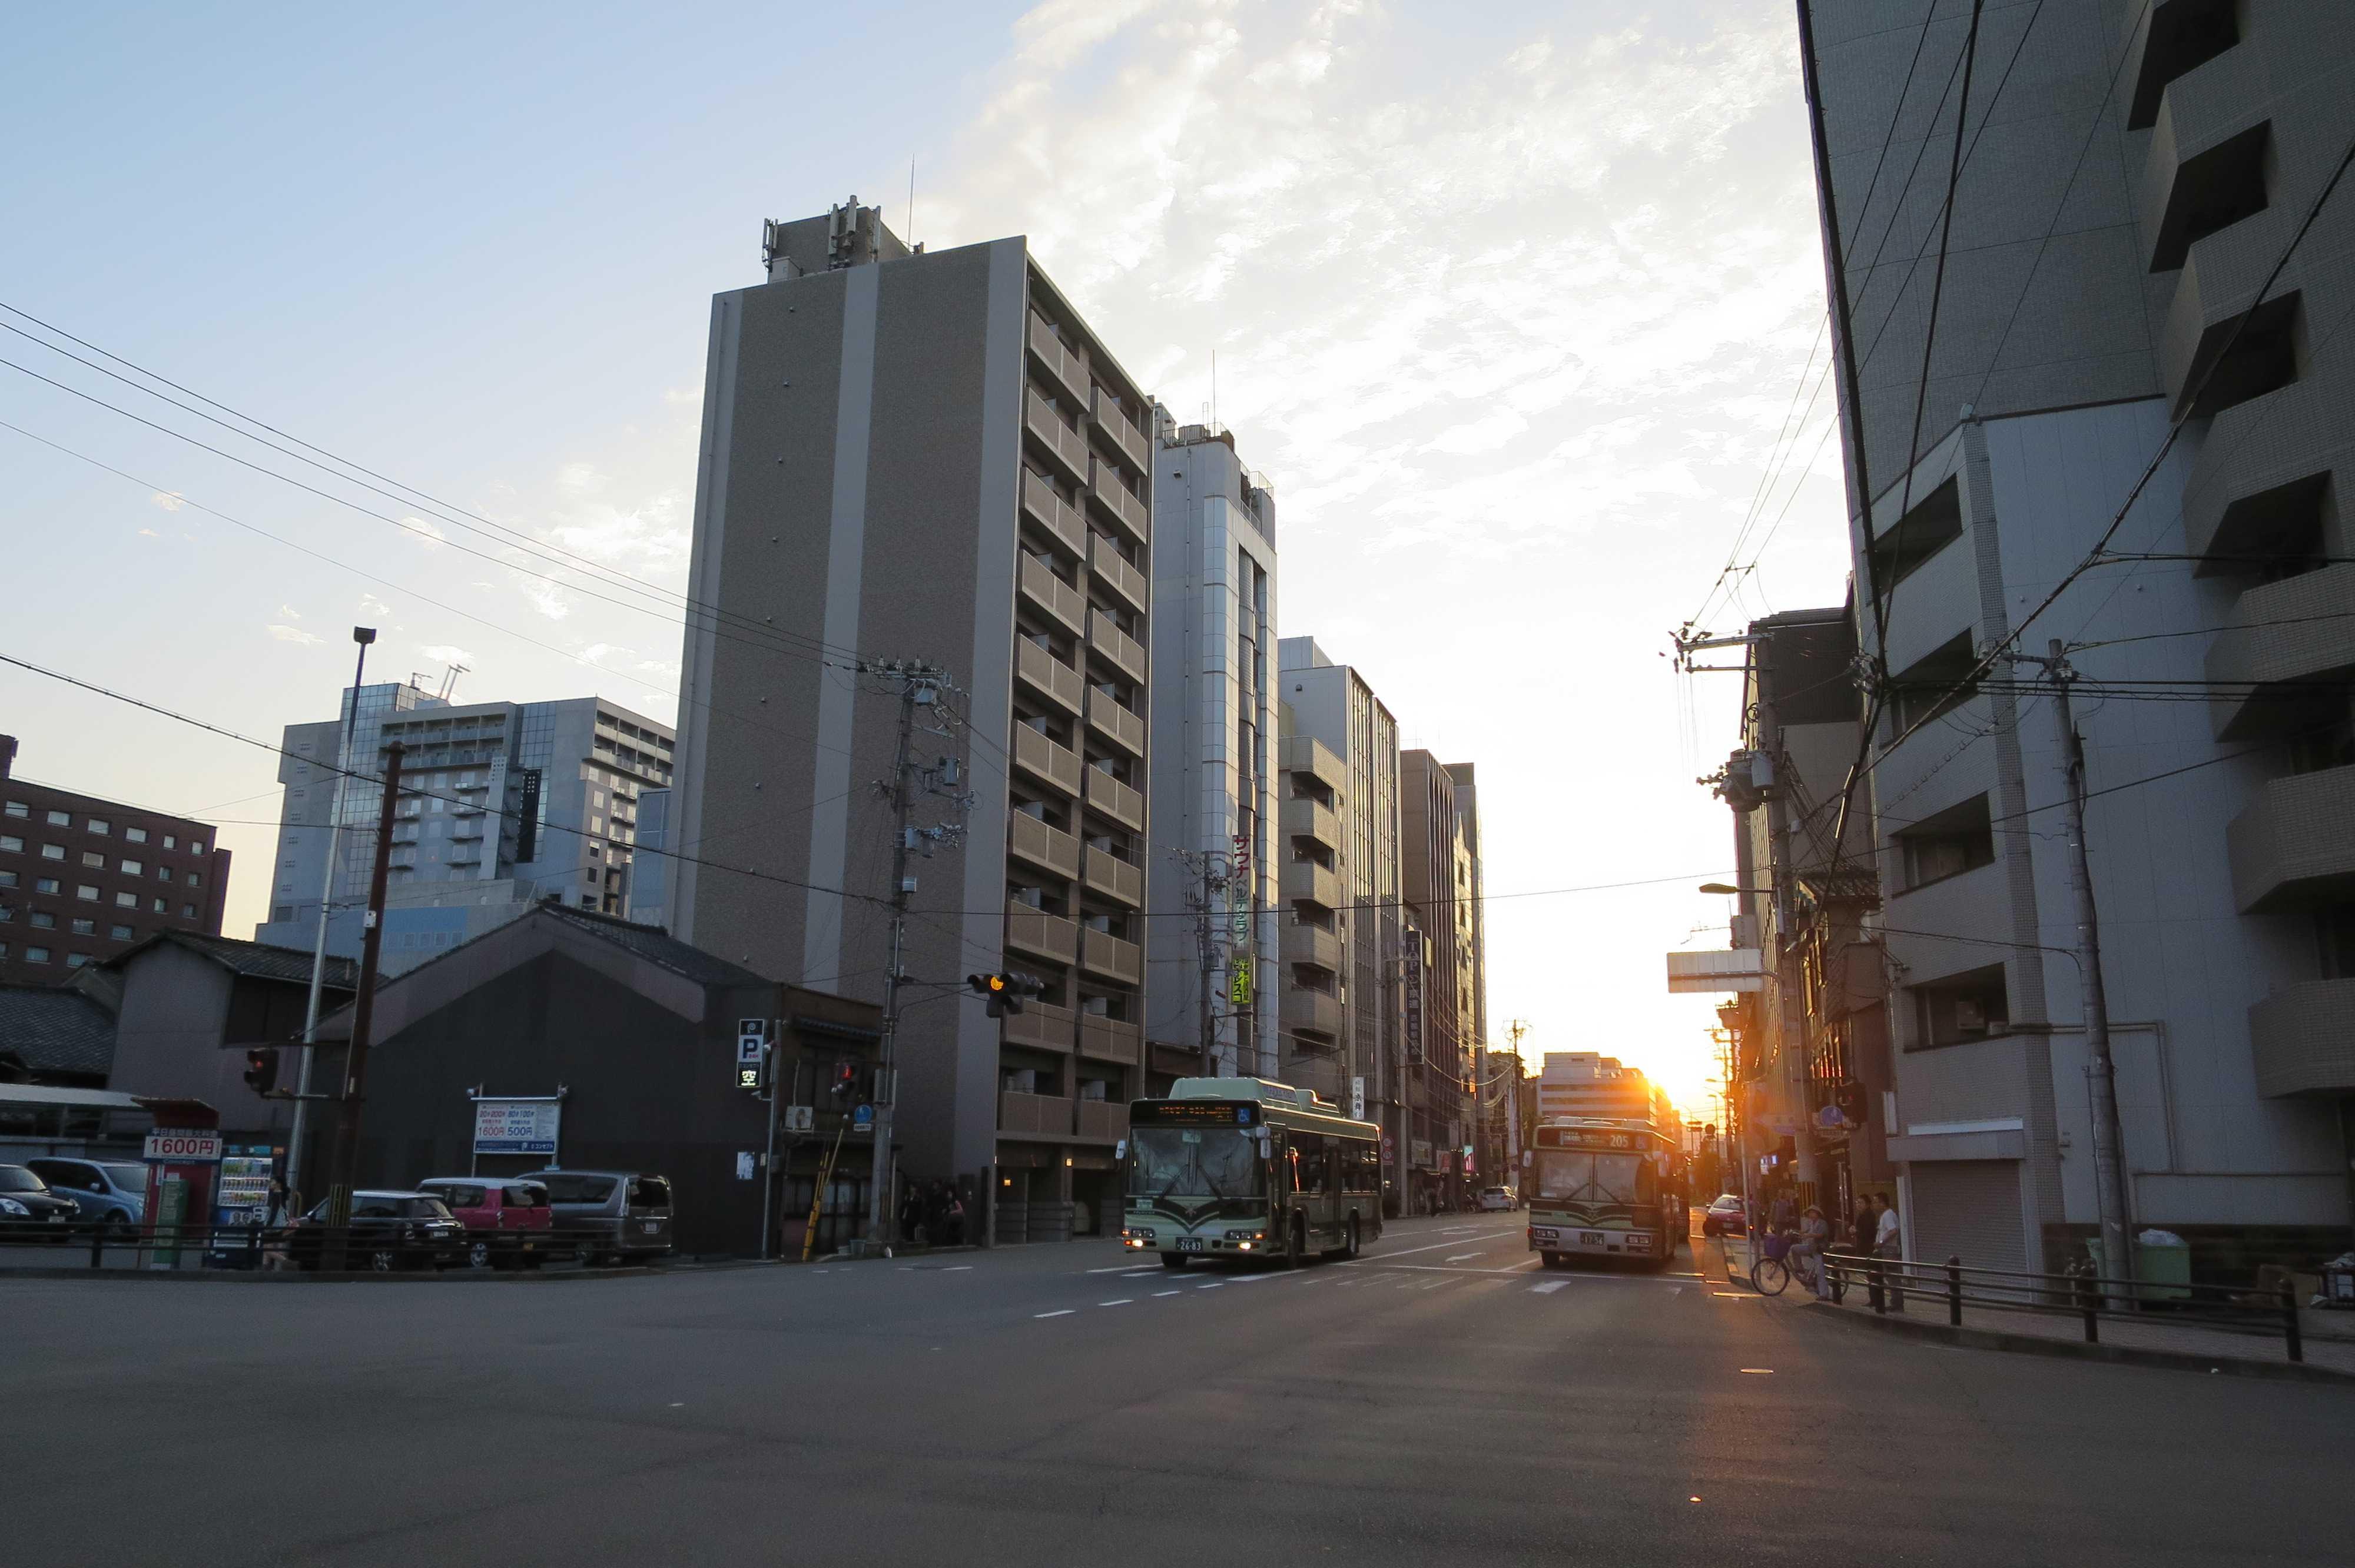 京都 - 夕暮れ時の京都